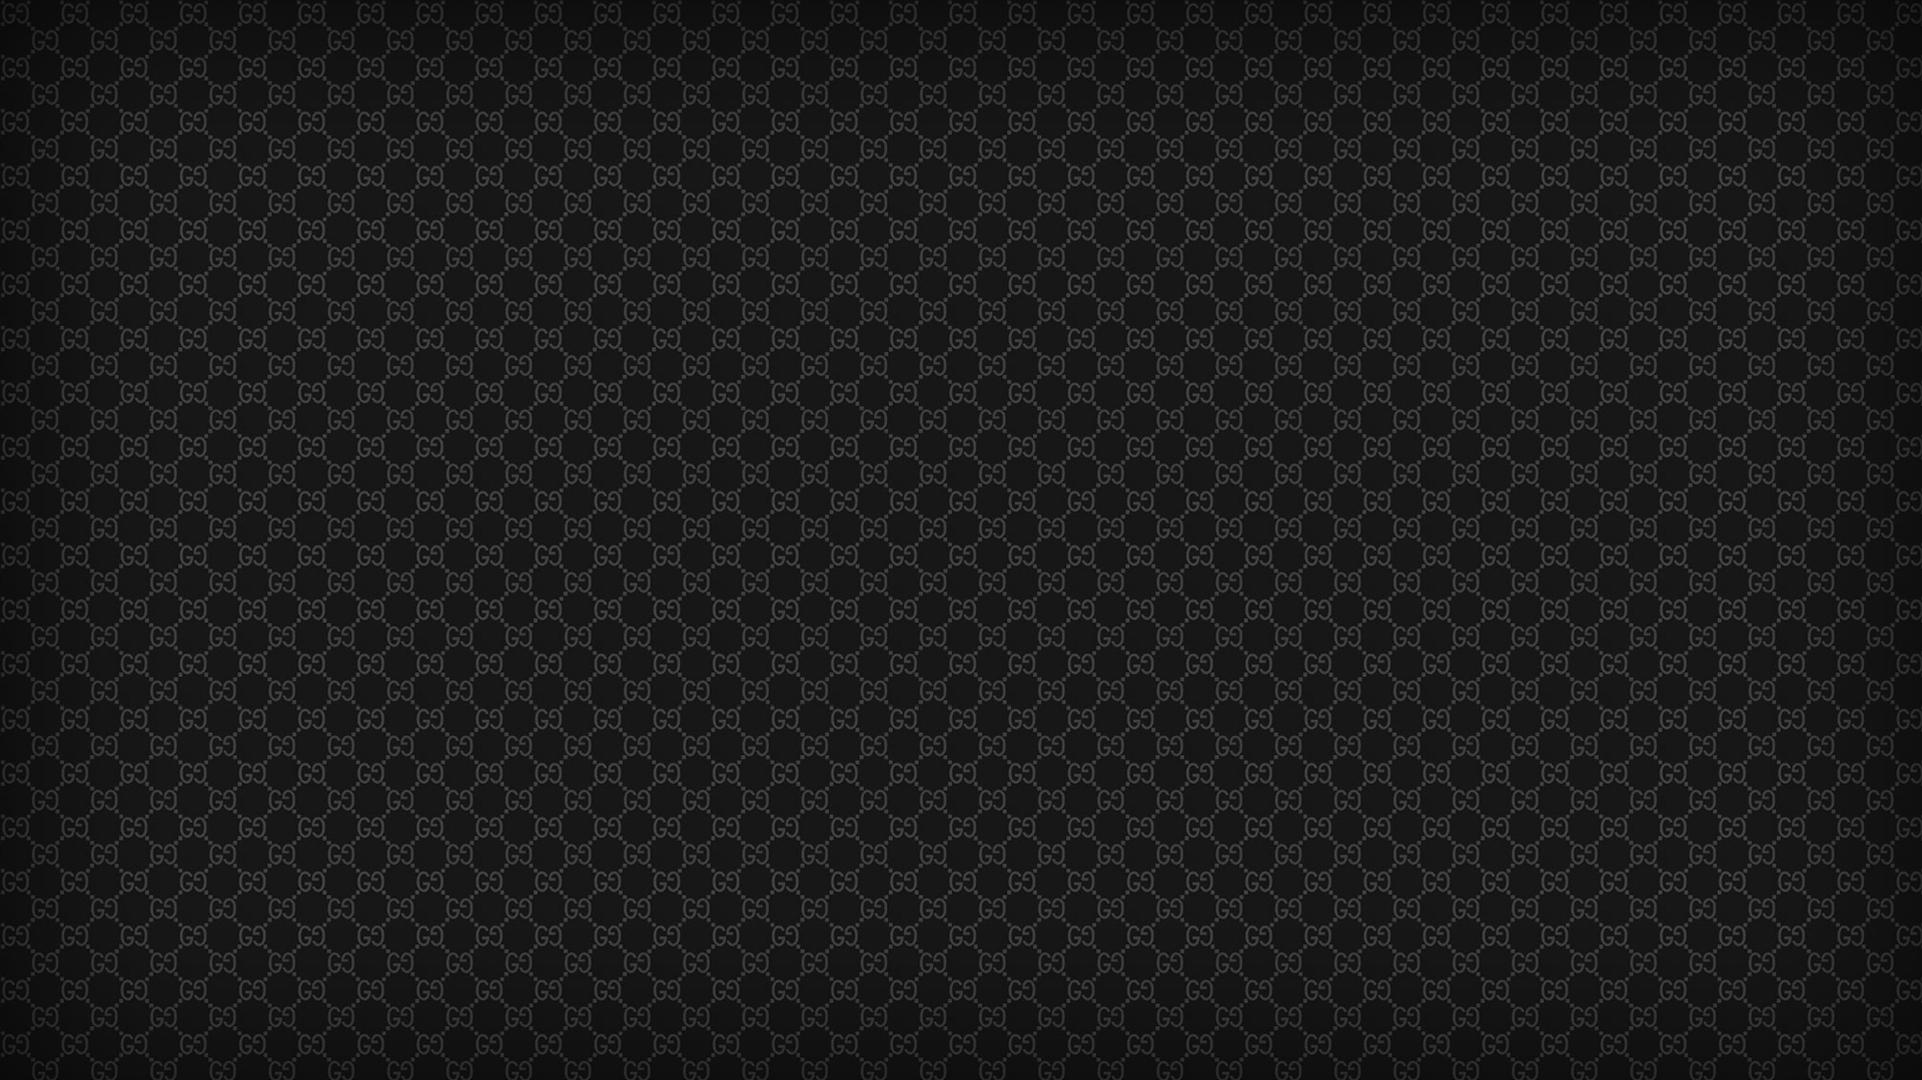 Gucci Wallpaper HD 1922x1080